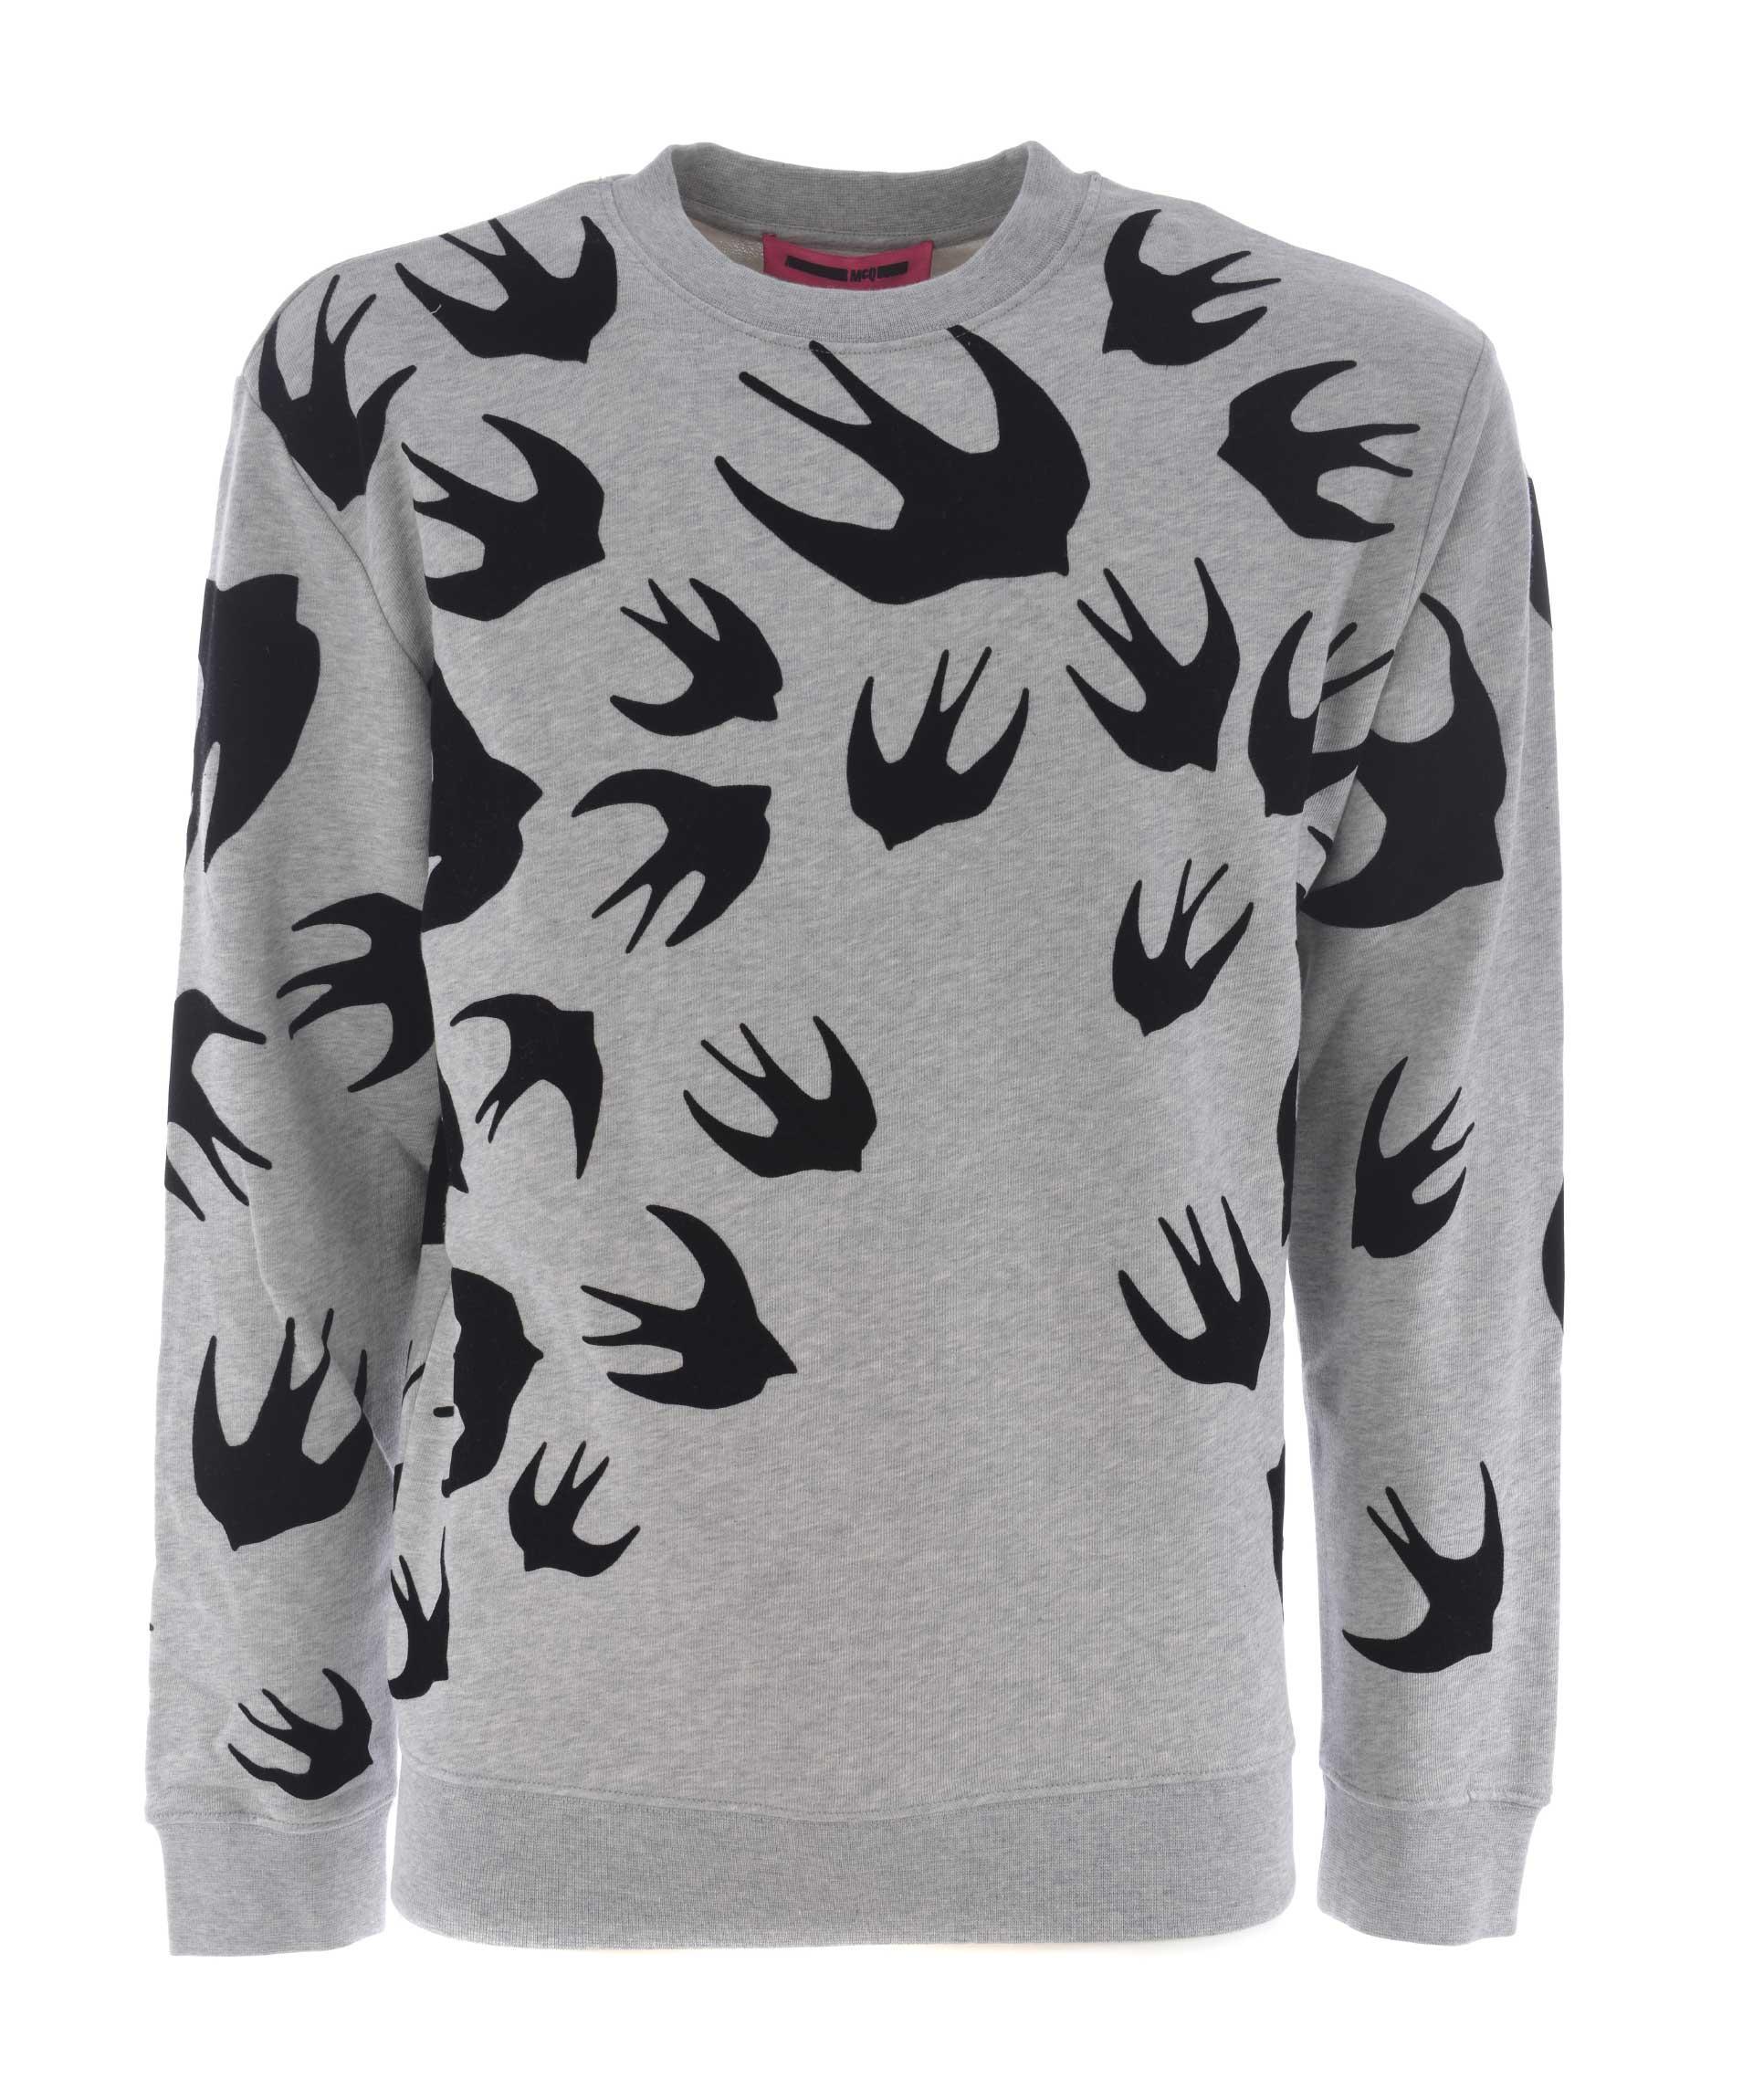 Mcq By Alexander Mcqueen Mcq Alexander Mcqueen Swallow Print Sweatshirt In Grigio Melange